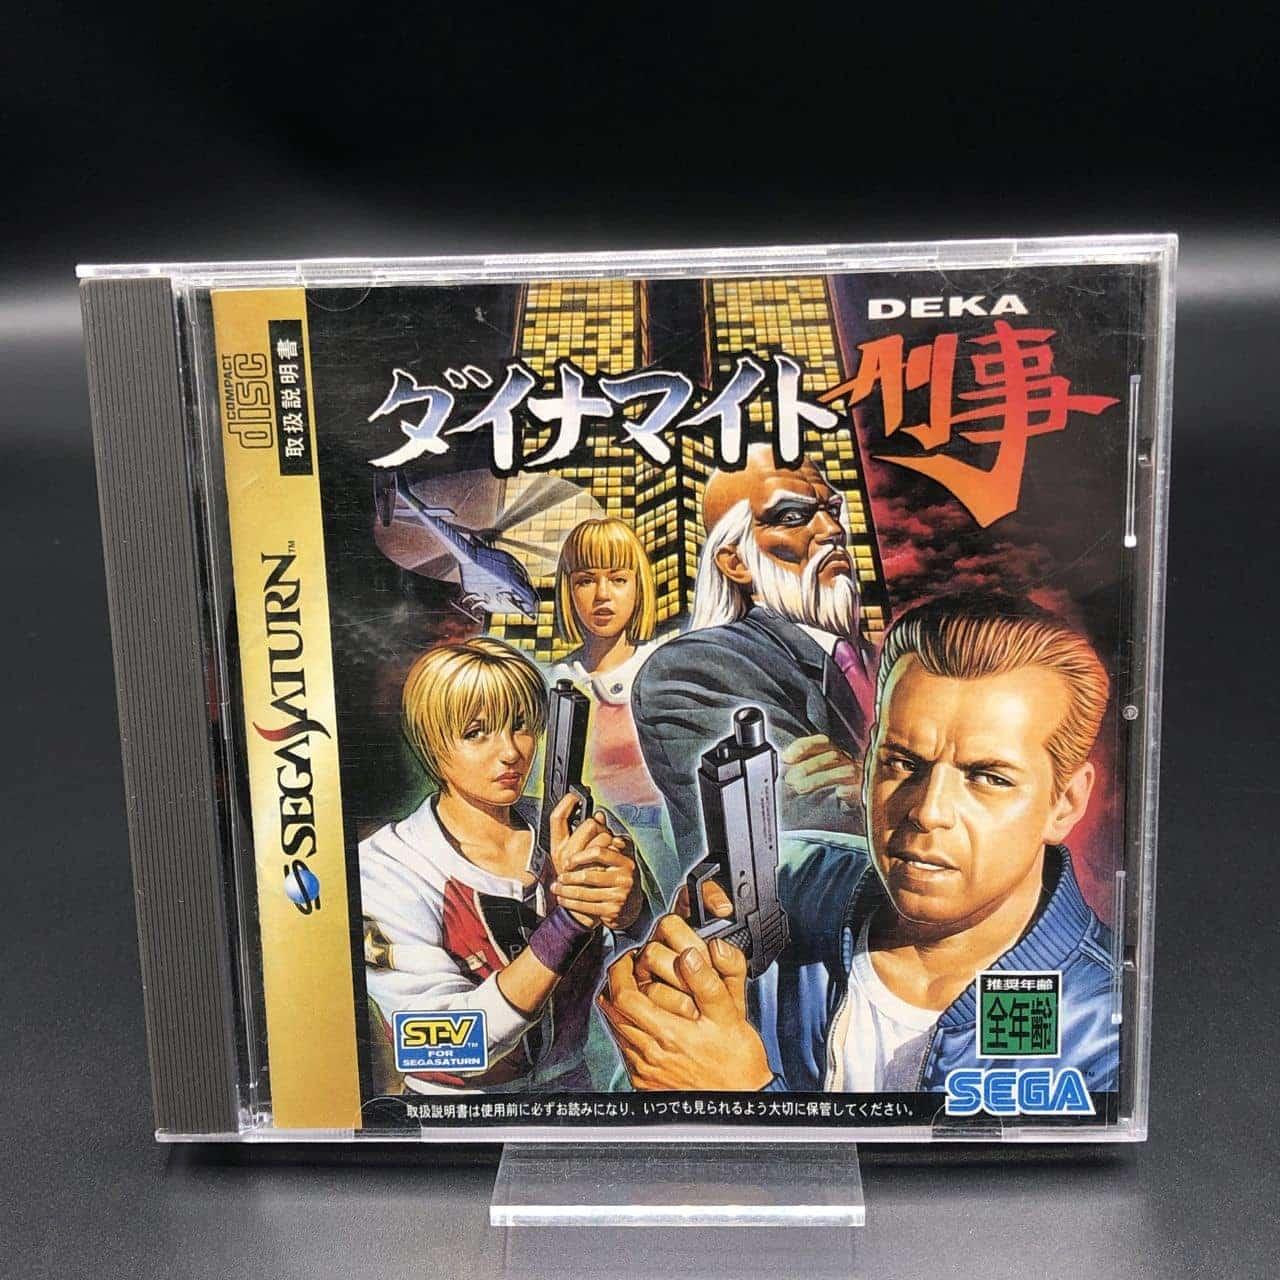 Dynamite Deka (Import Japan) (Komplett) (Gut) Sega Saturn